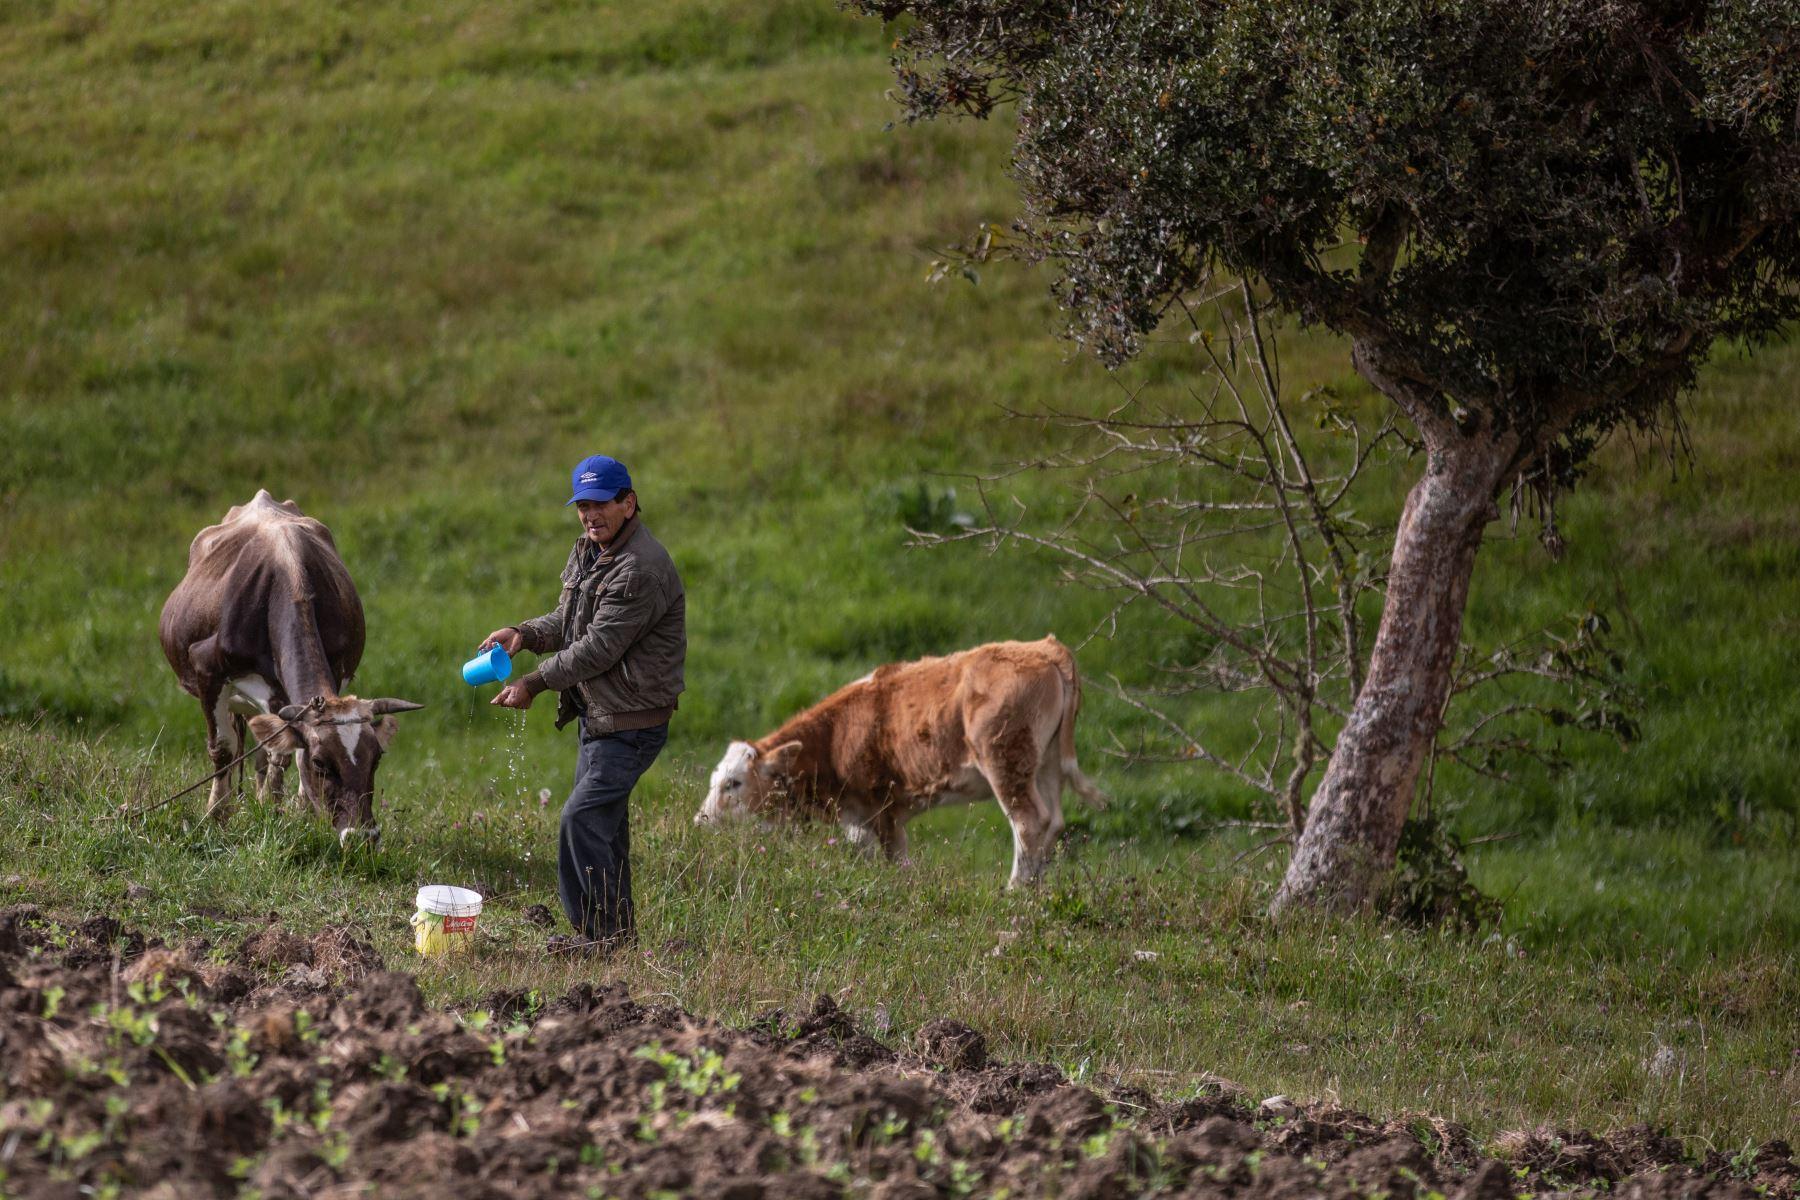 Su población se dedica mayormente a la actividad agrícola y tiene necesidades básicas que esperan ser satisfechas. Foto: ANDINA/Andrés Valle